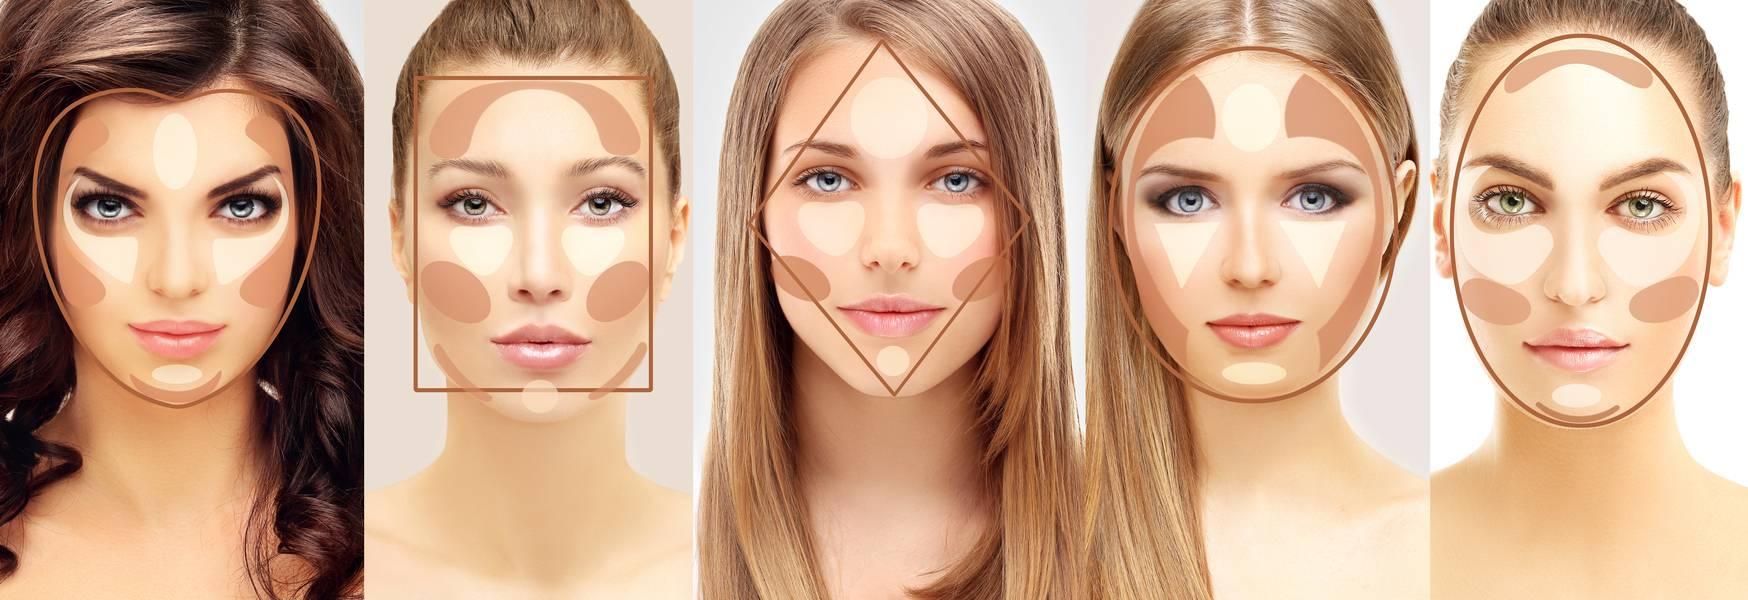 Come rimodellare l'ovale del viso | Beauty